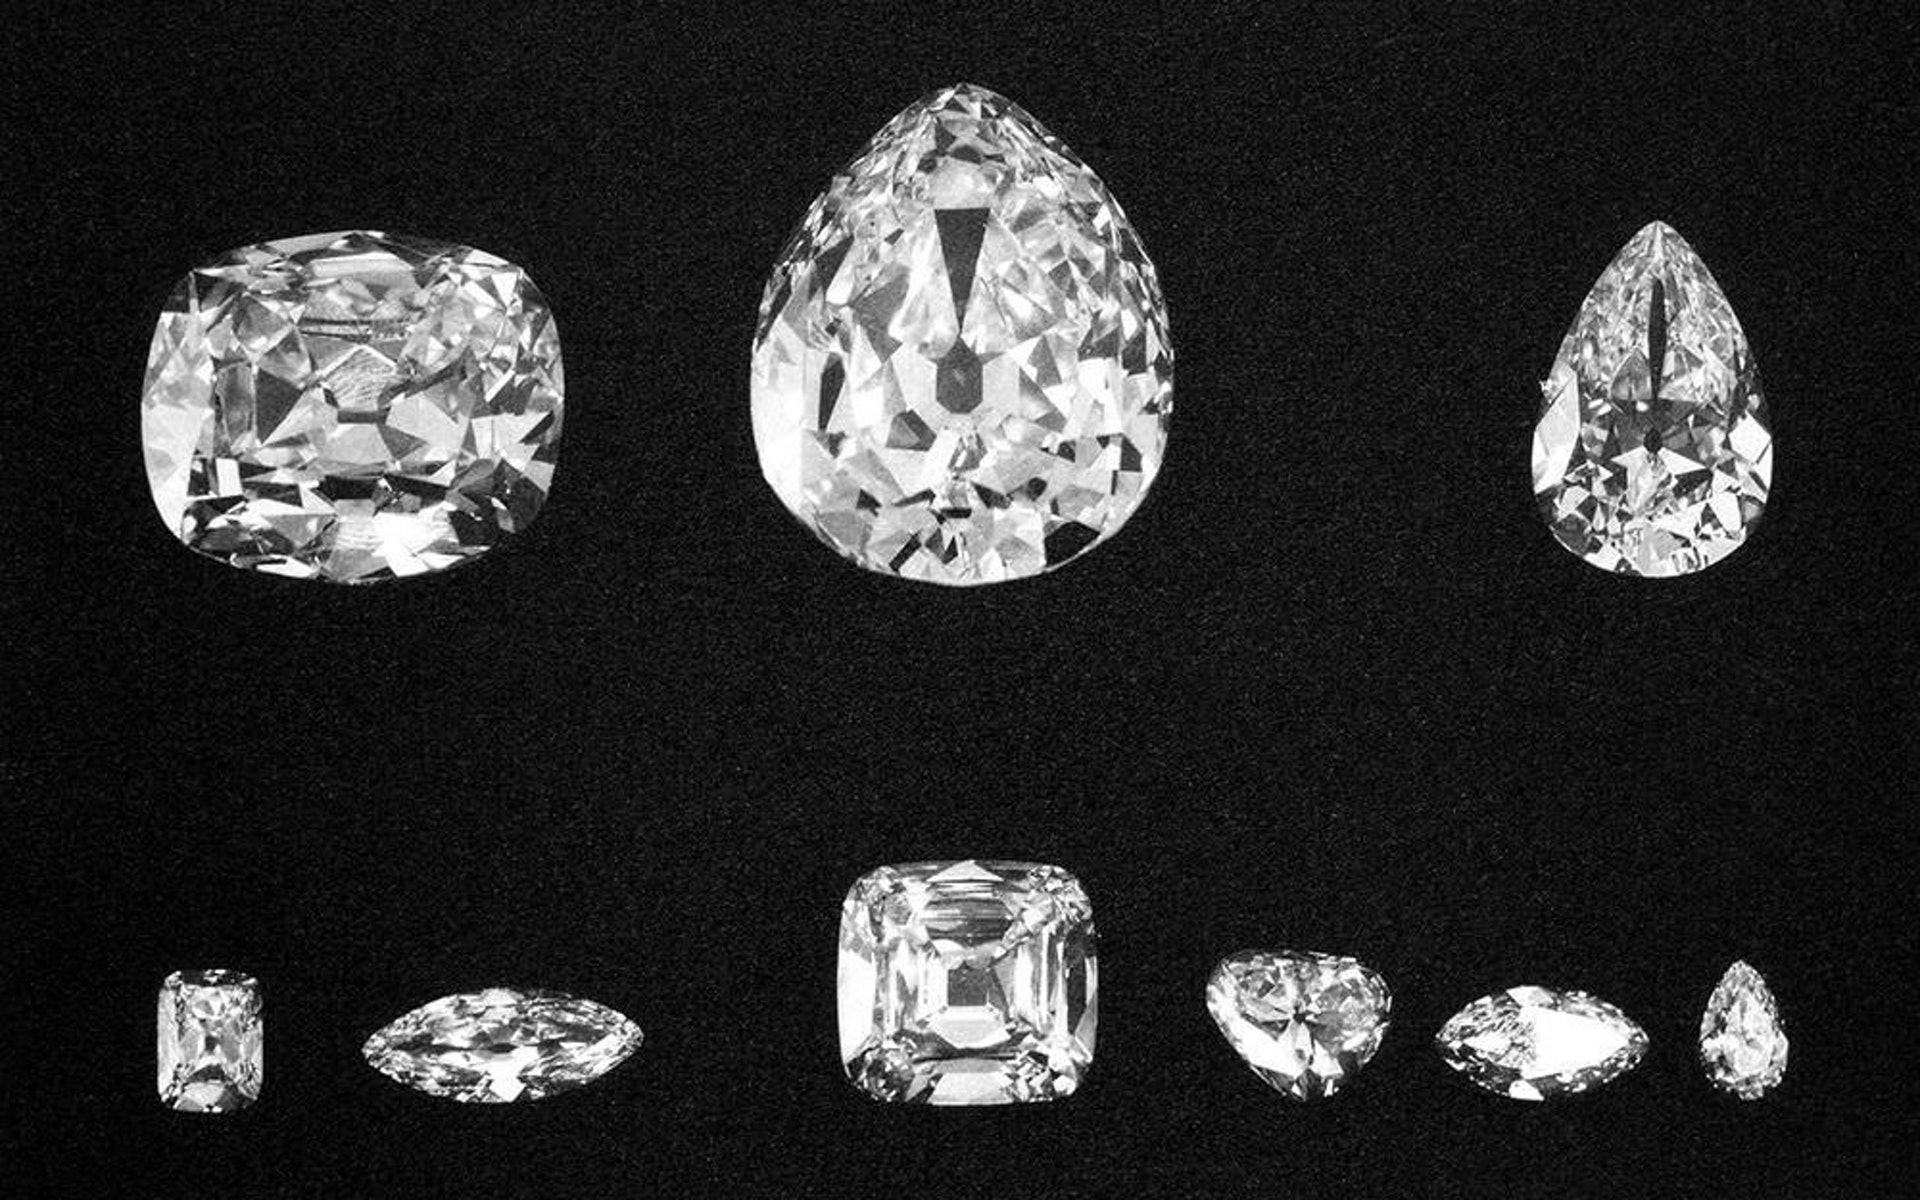 進行定期保養維護,鑽石才會保持光芒。(網上圖片)